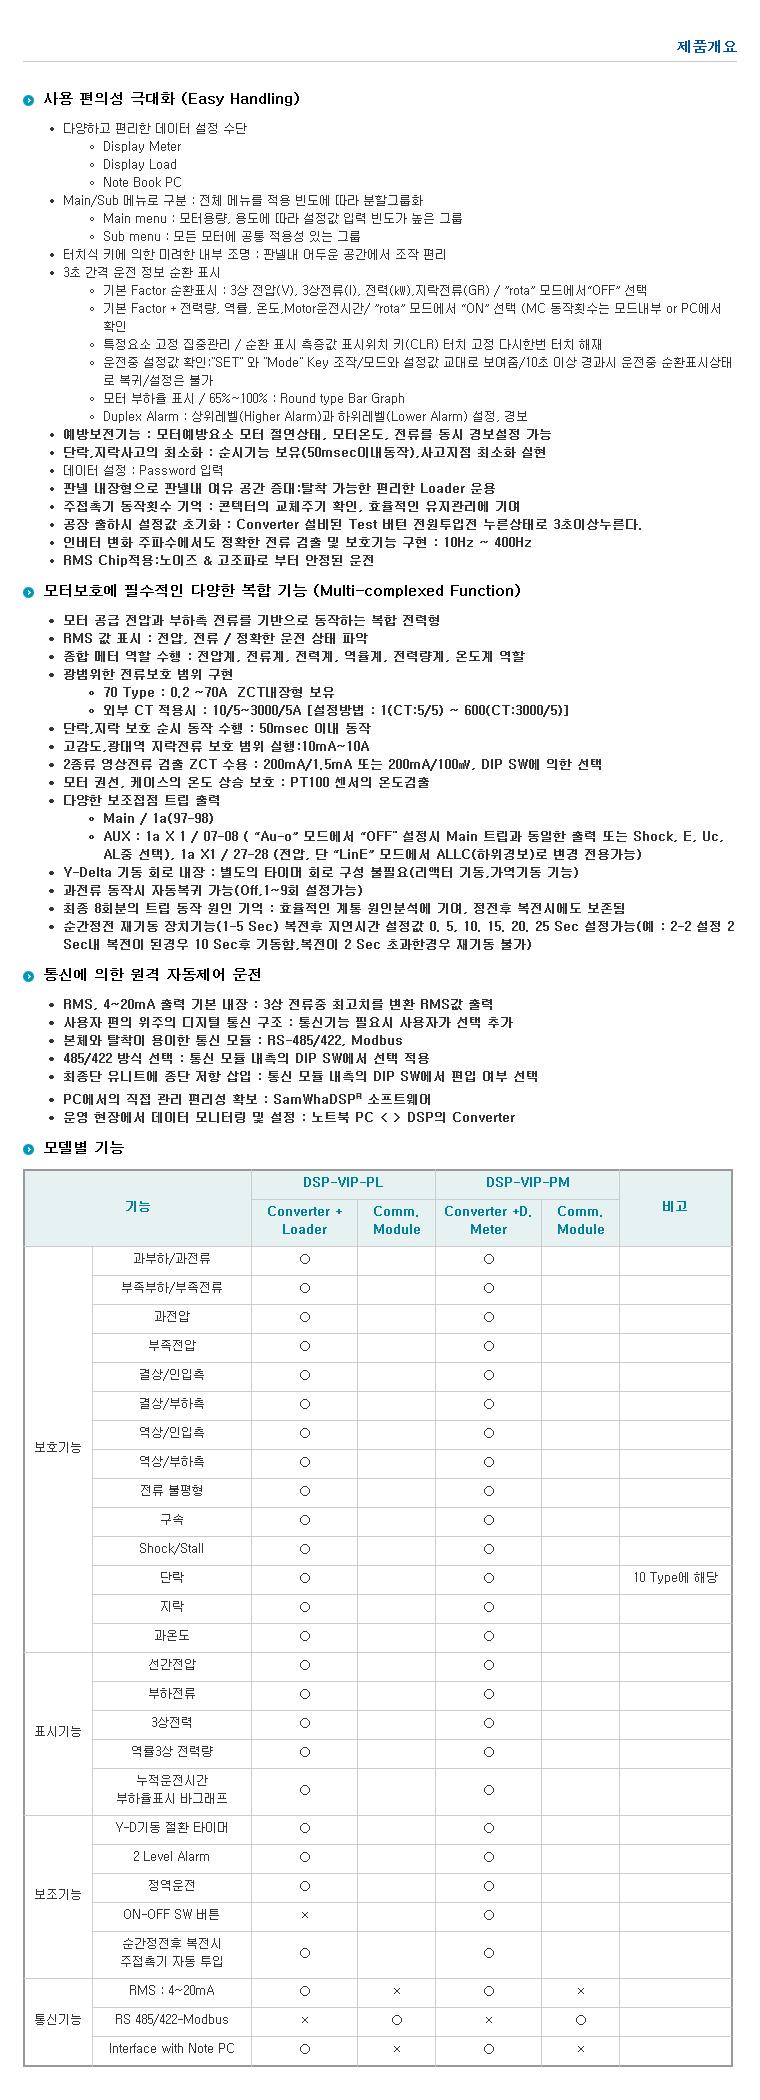 (주)삼화디에스피 전력 및(또는) 전류 형 복합모터보호계전기 DSP-VIP-PL 4